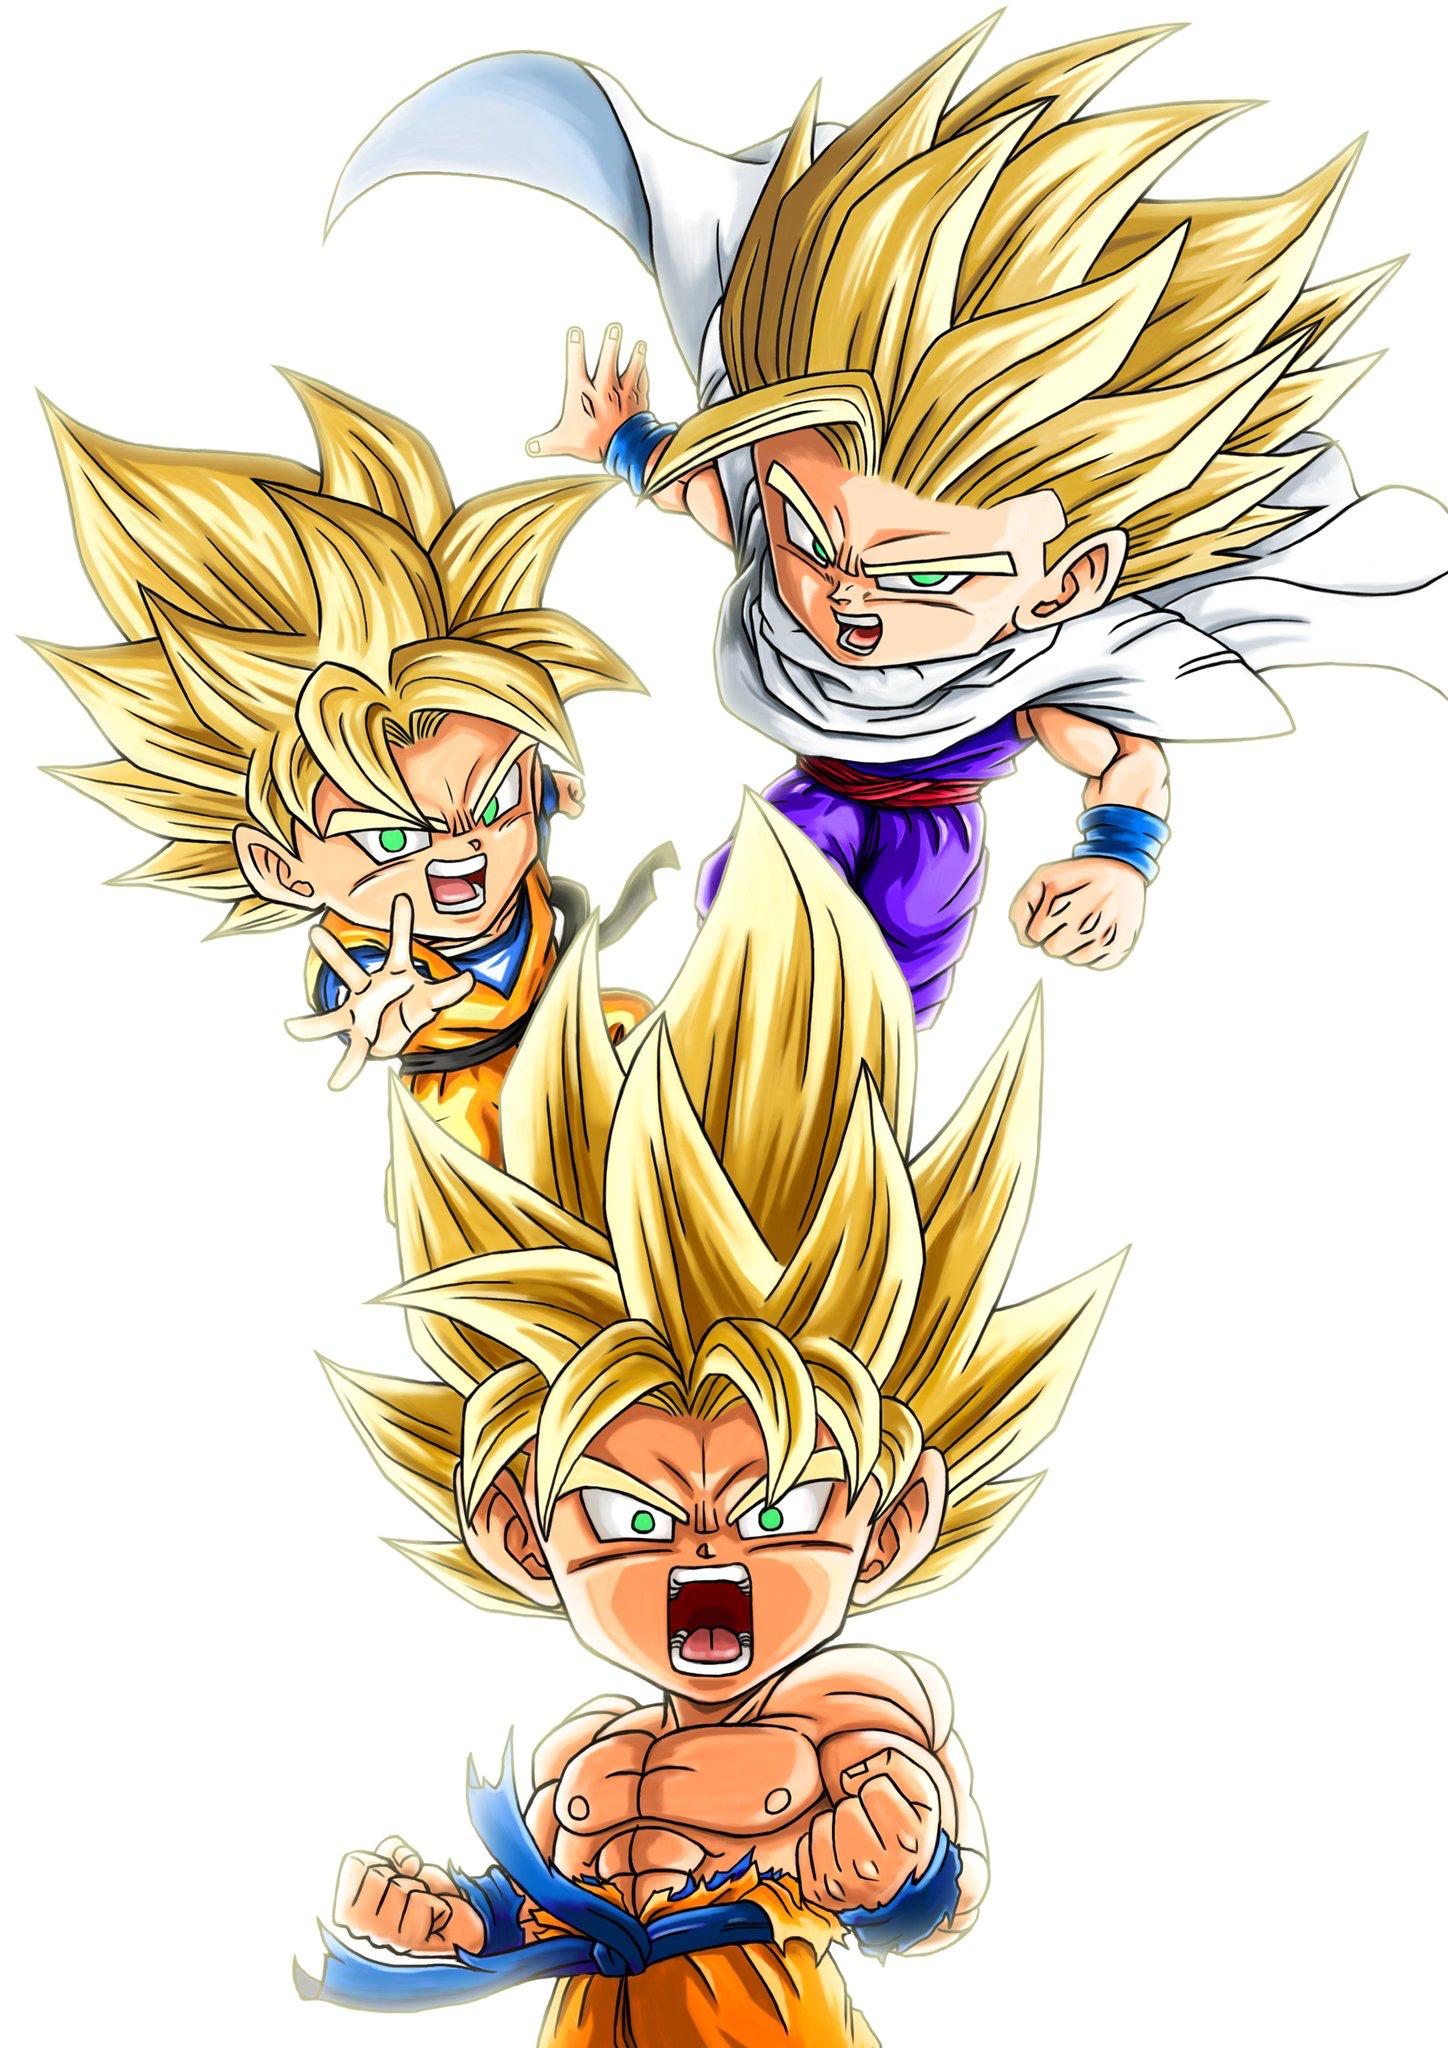 X3 Gohan He S So Cute Along With Goten And Goku Dibujos Personajes De Dragon Ball Dibujos Chibi